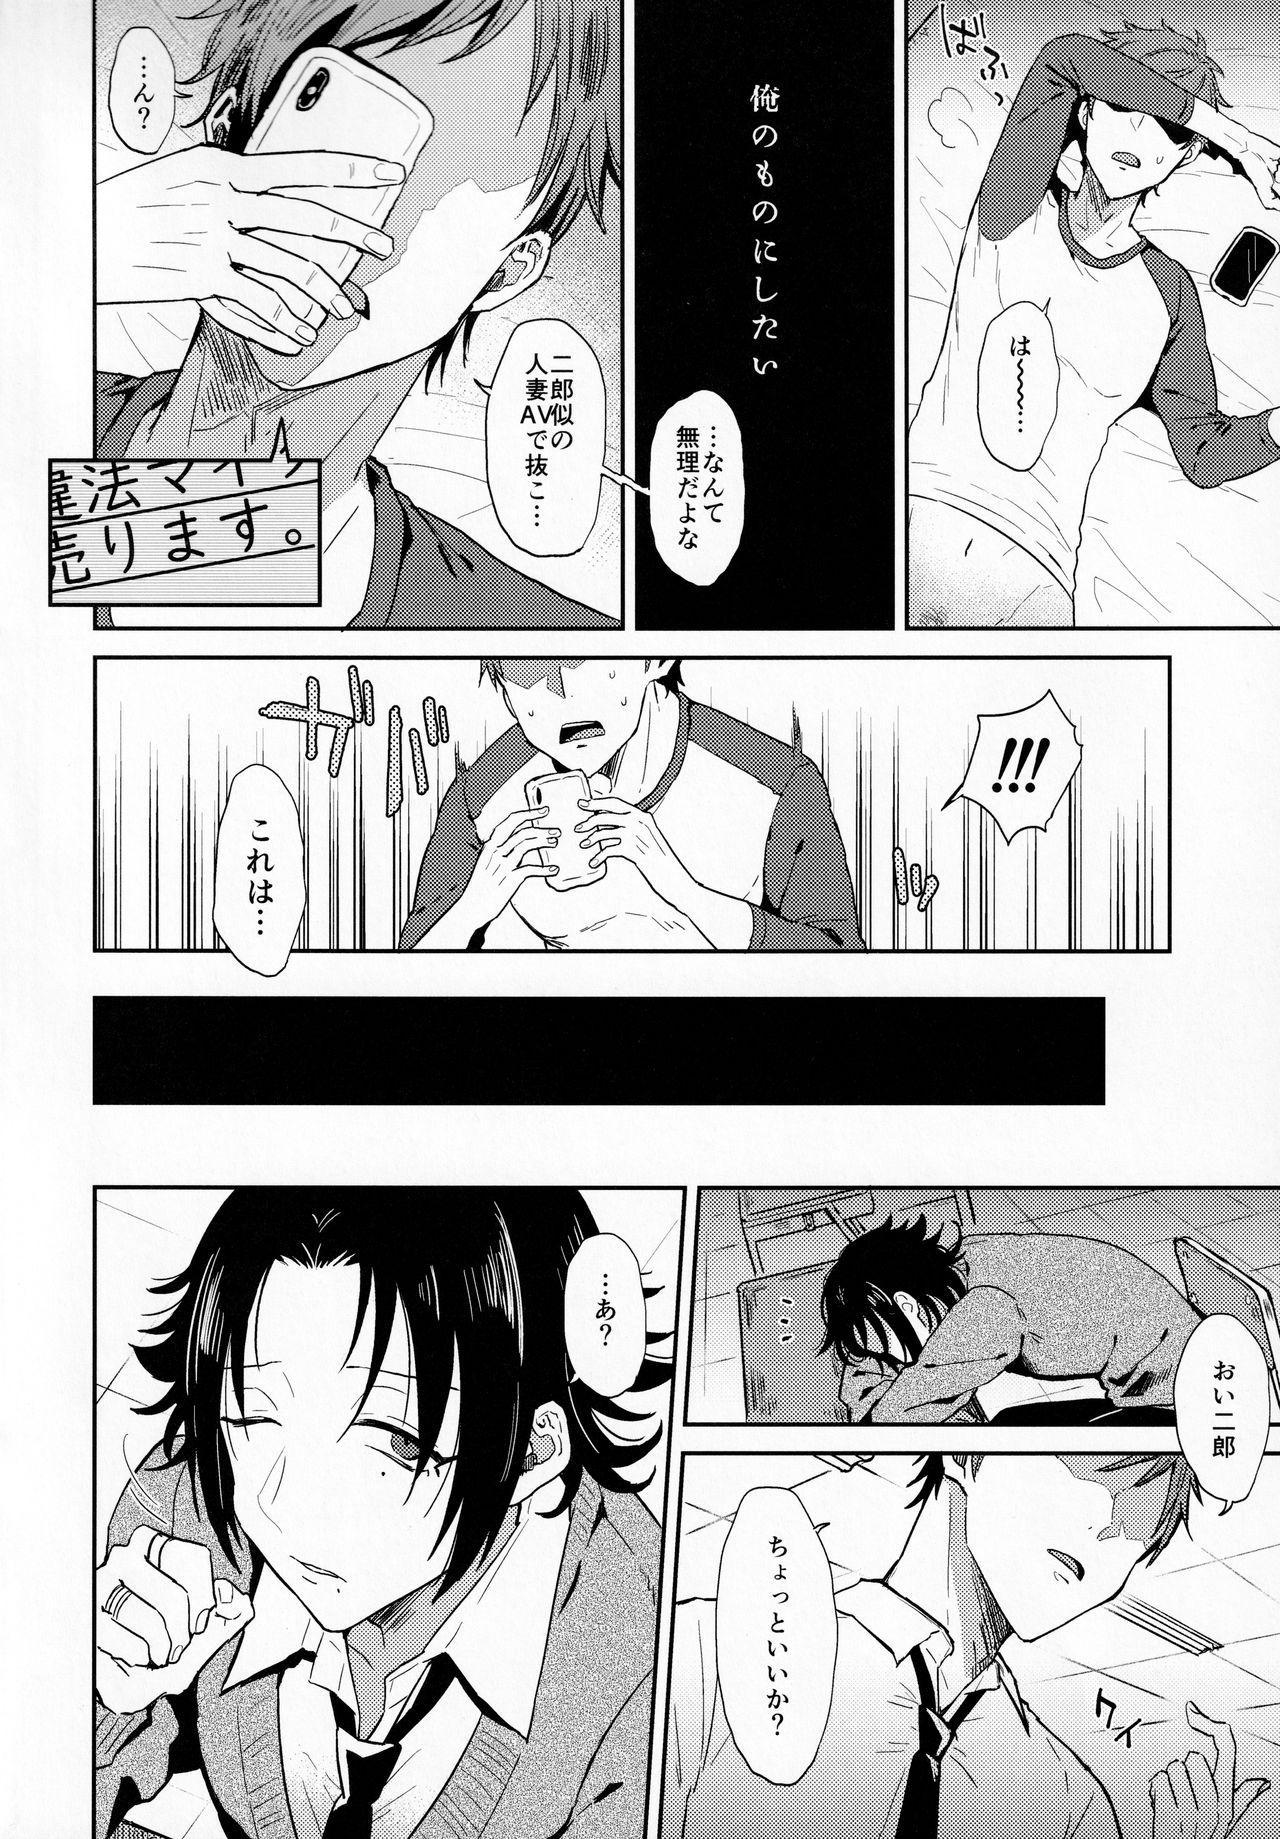 Dachi no Jirou o Kanojo ni Shite Icharabu Sex 4